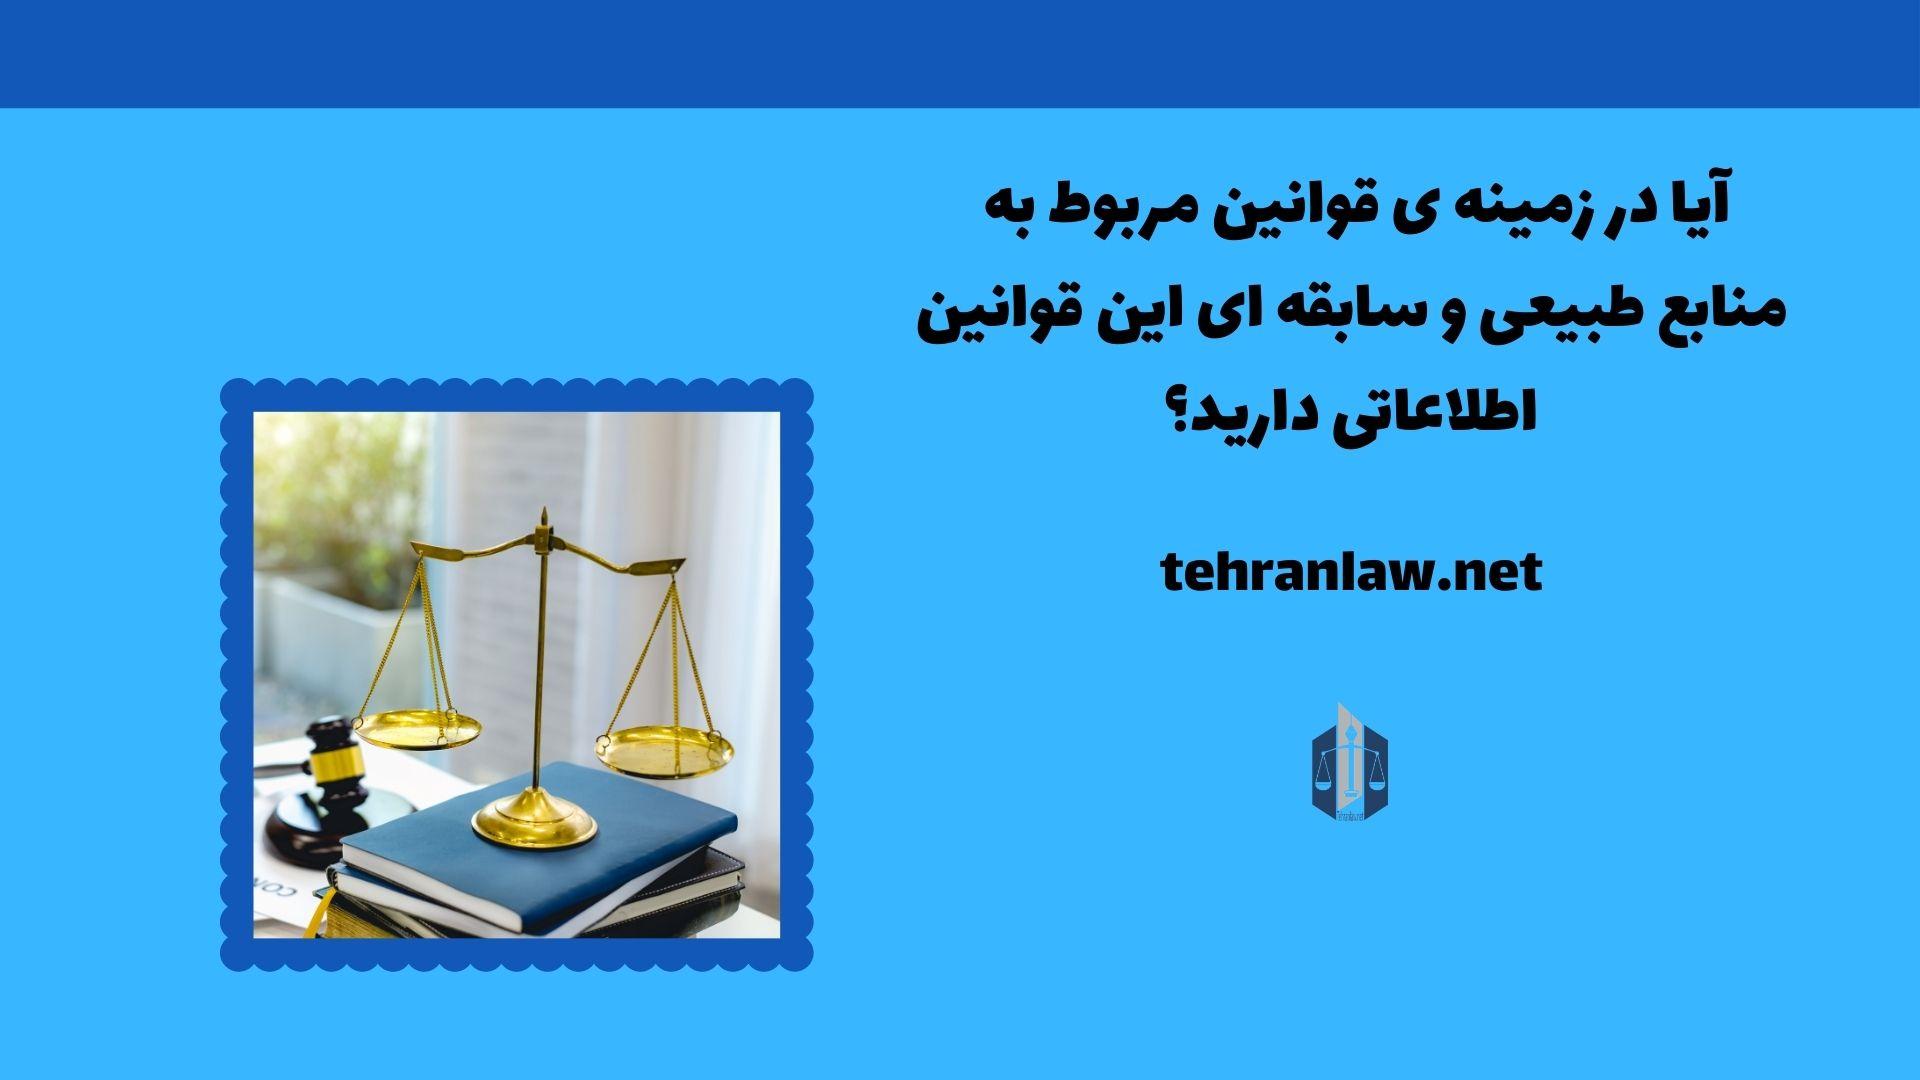 آیا در زمینه ی قوانین مربوط به منابع طبیعی و سابقه ی این قوانین، اطلاعاتی دارید؟